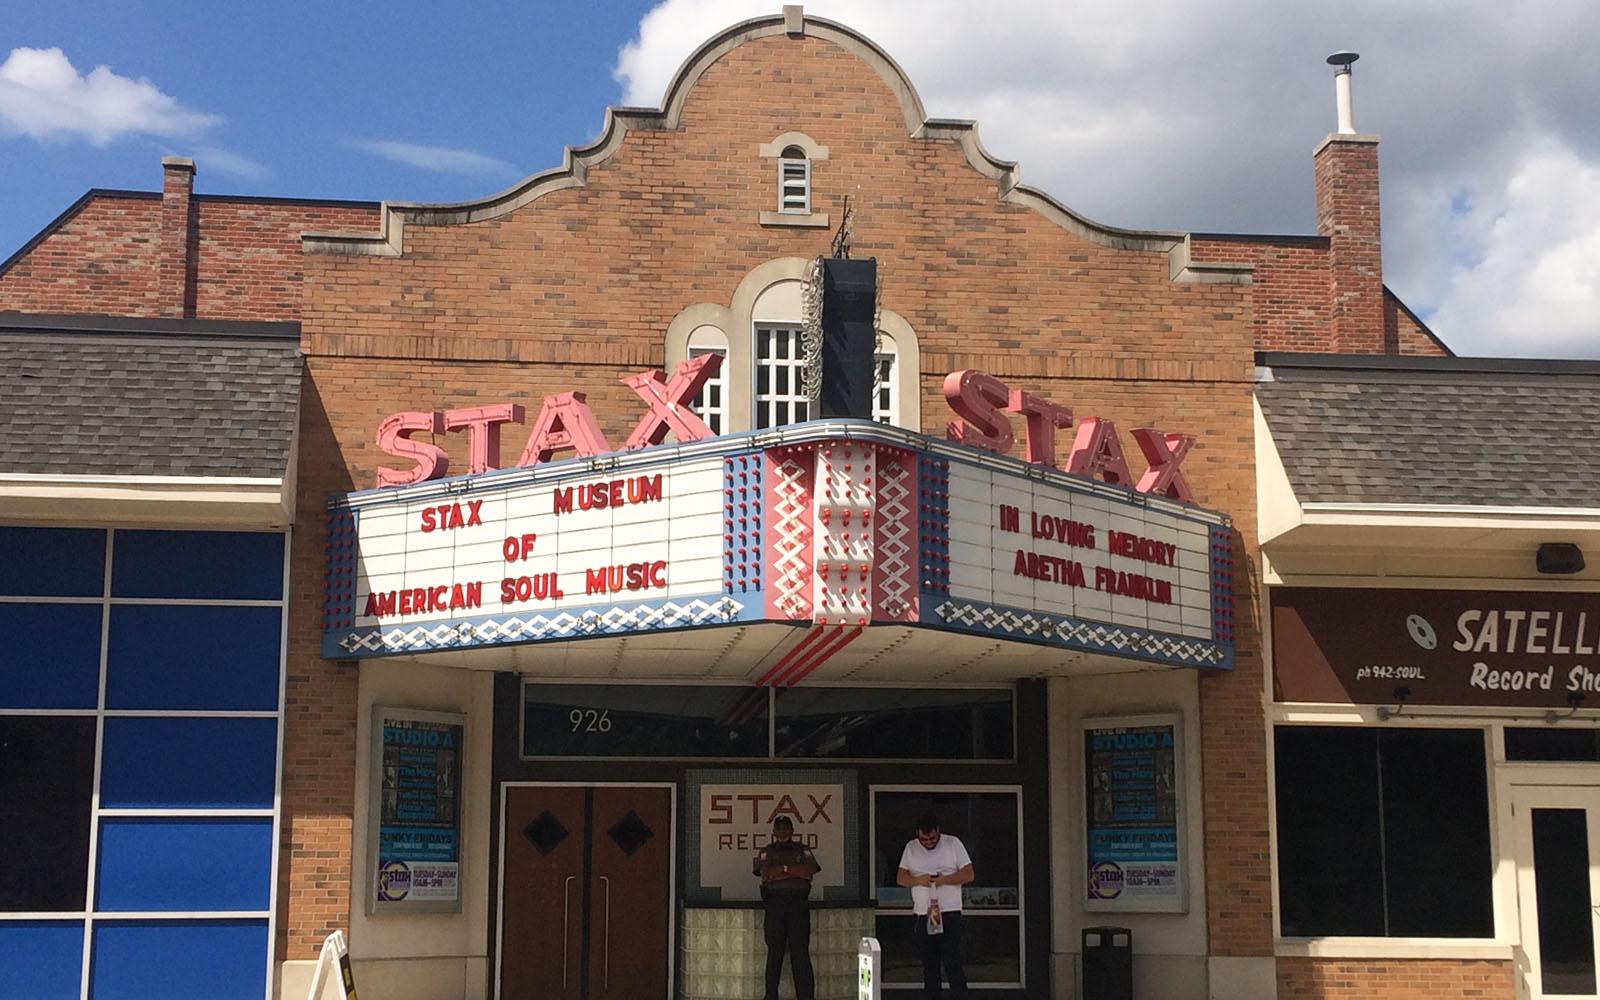 L'ingresso dello Stax Museum a Memphis.